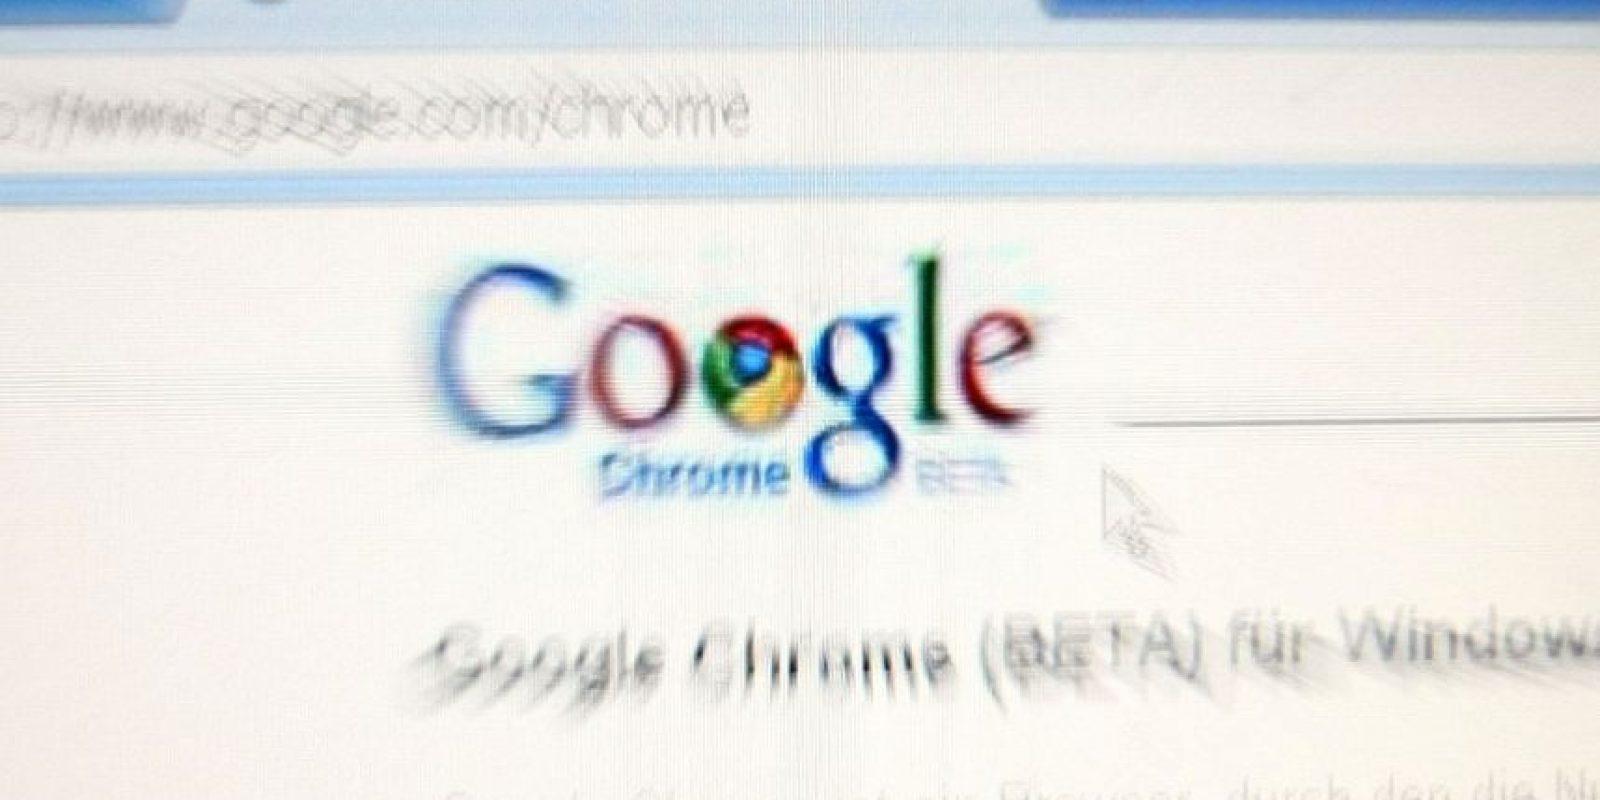 Google Chrome es de los navegadores con mejores críticas en la web. Foto:Getty Images